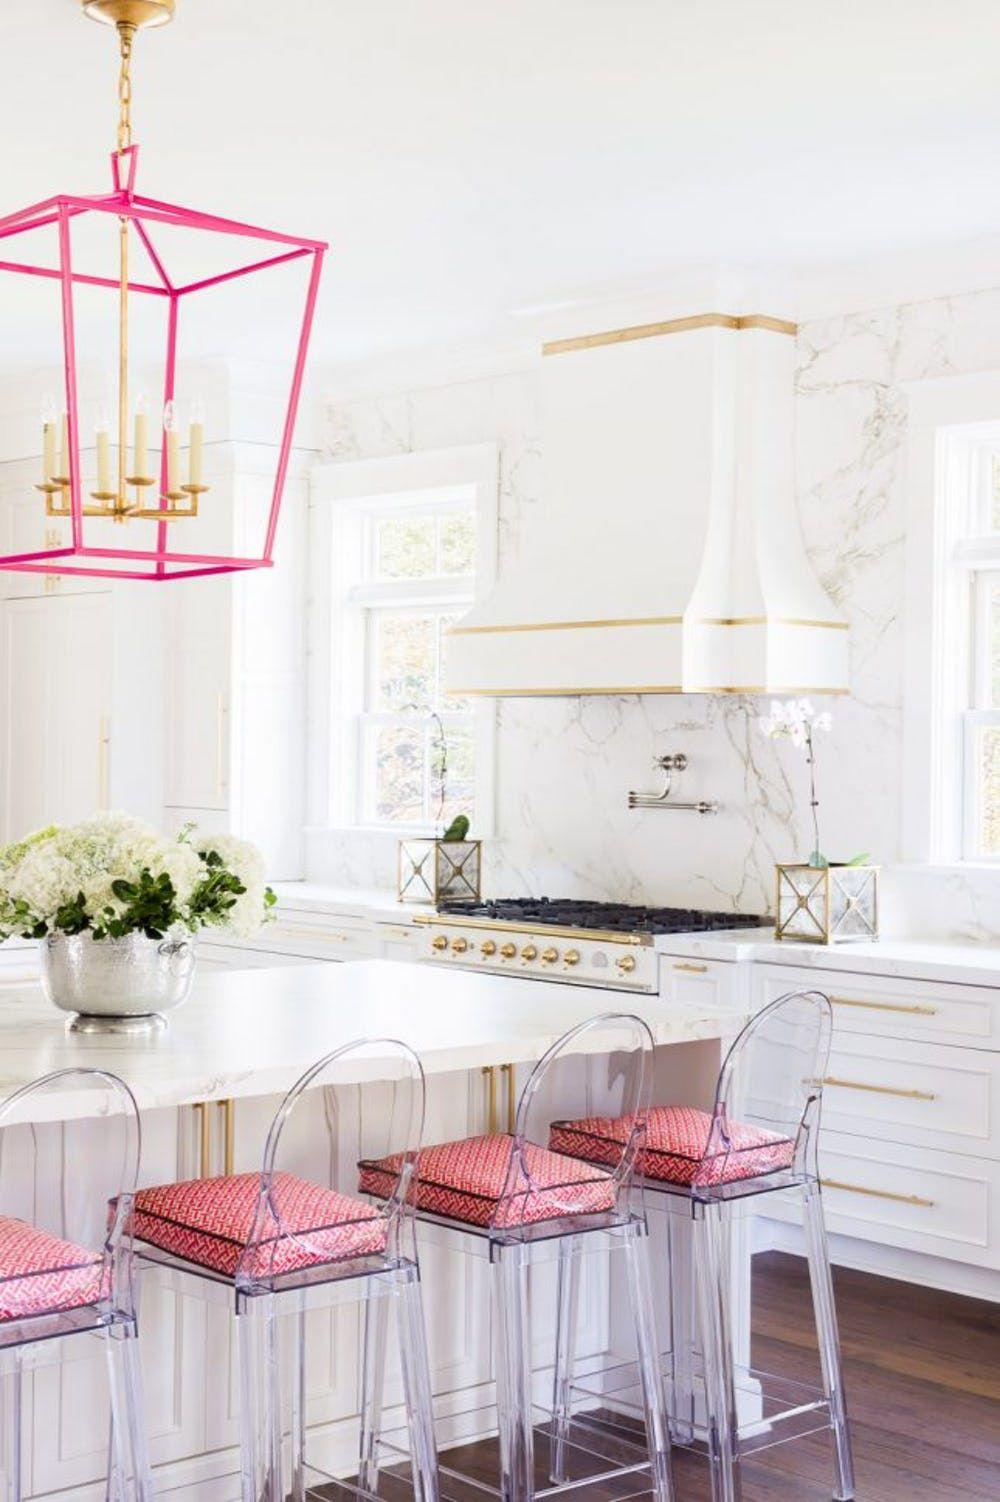 Những mẫu phòng bếp màu hồng đầy nữ tính và quyến rũ - Ảnh 1.